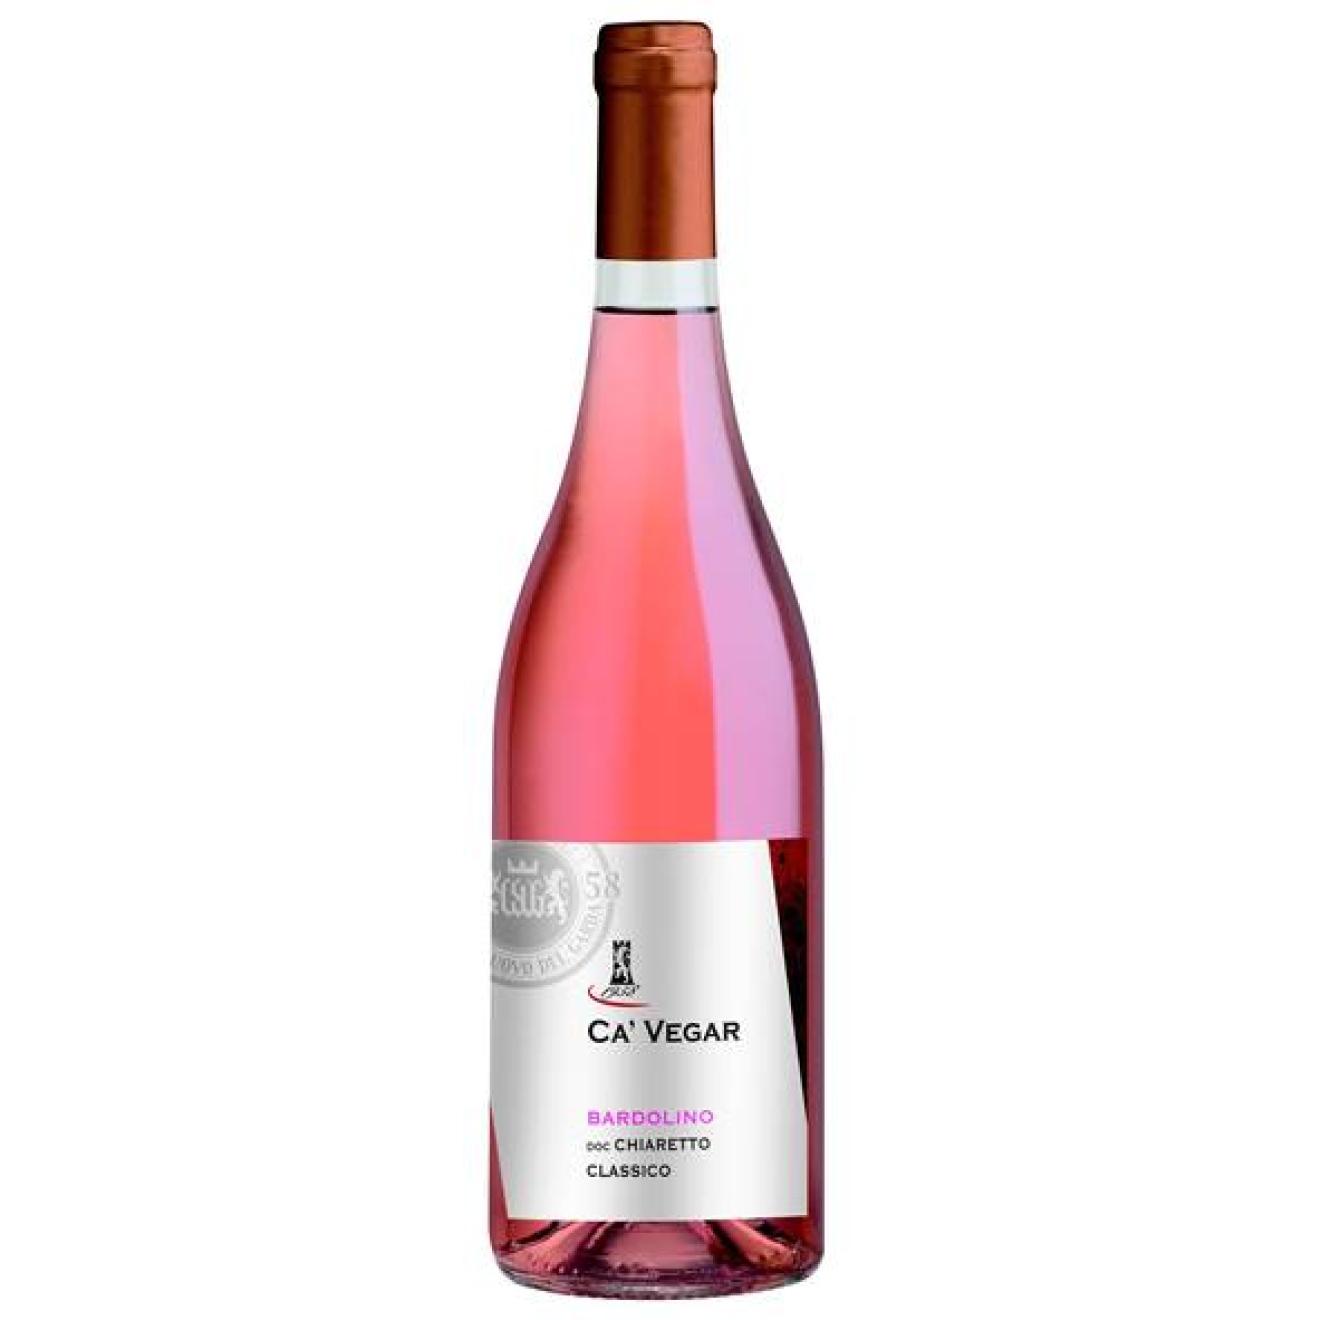 Bardolino classico Chiaretto rosé